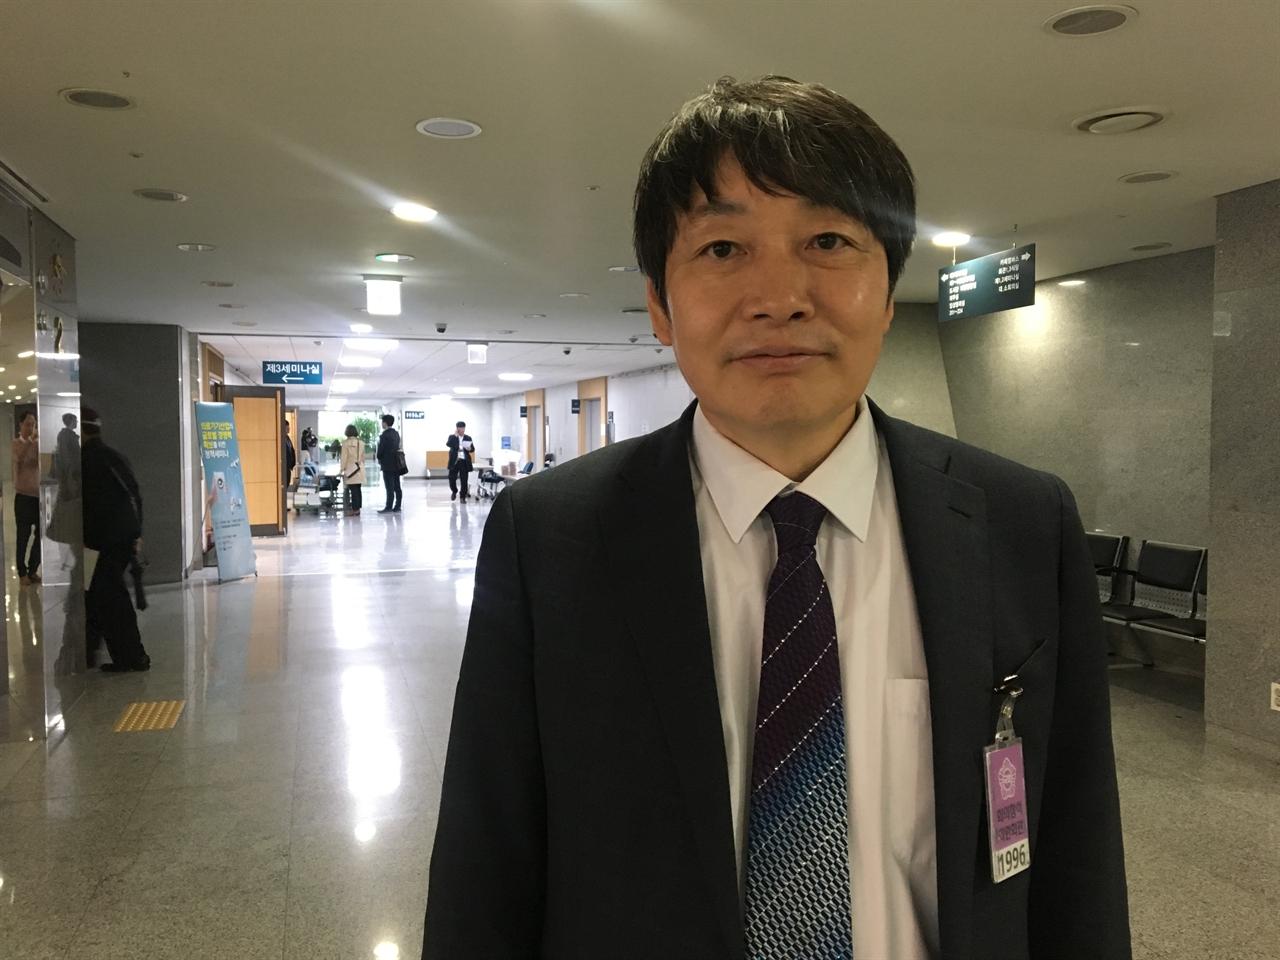 한국해양과학기술원의 허식 박사